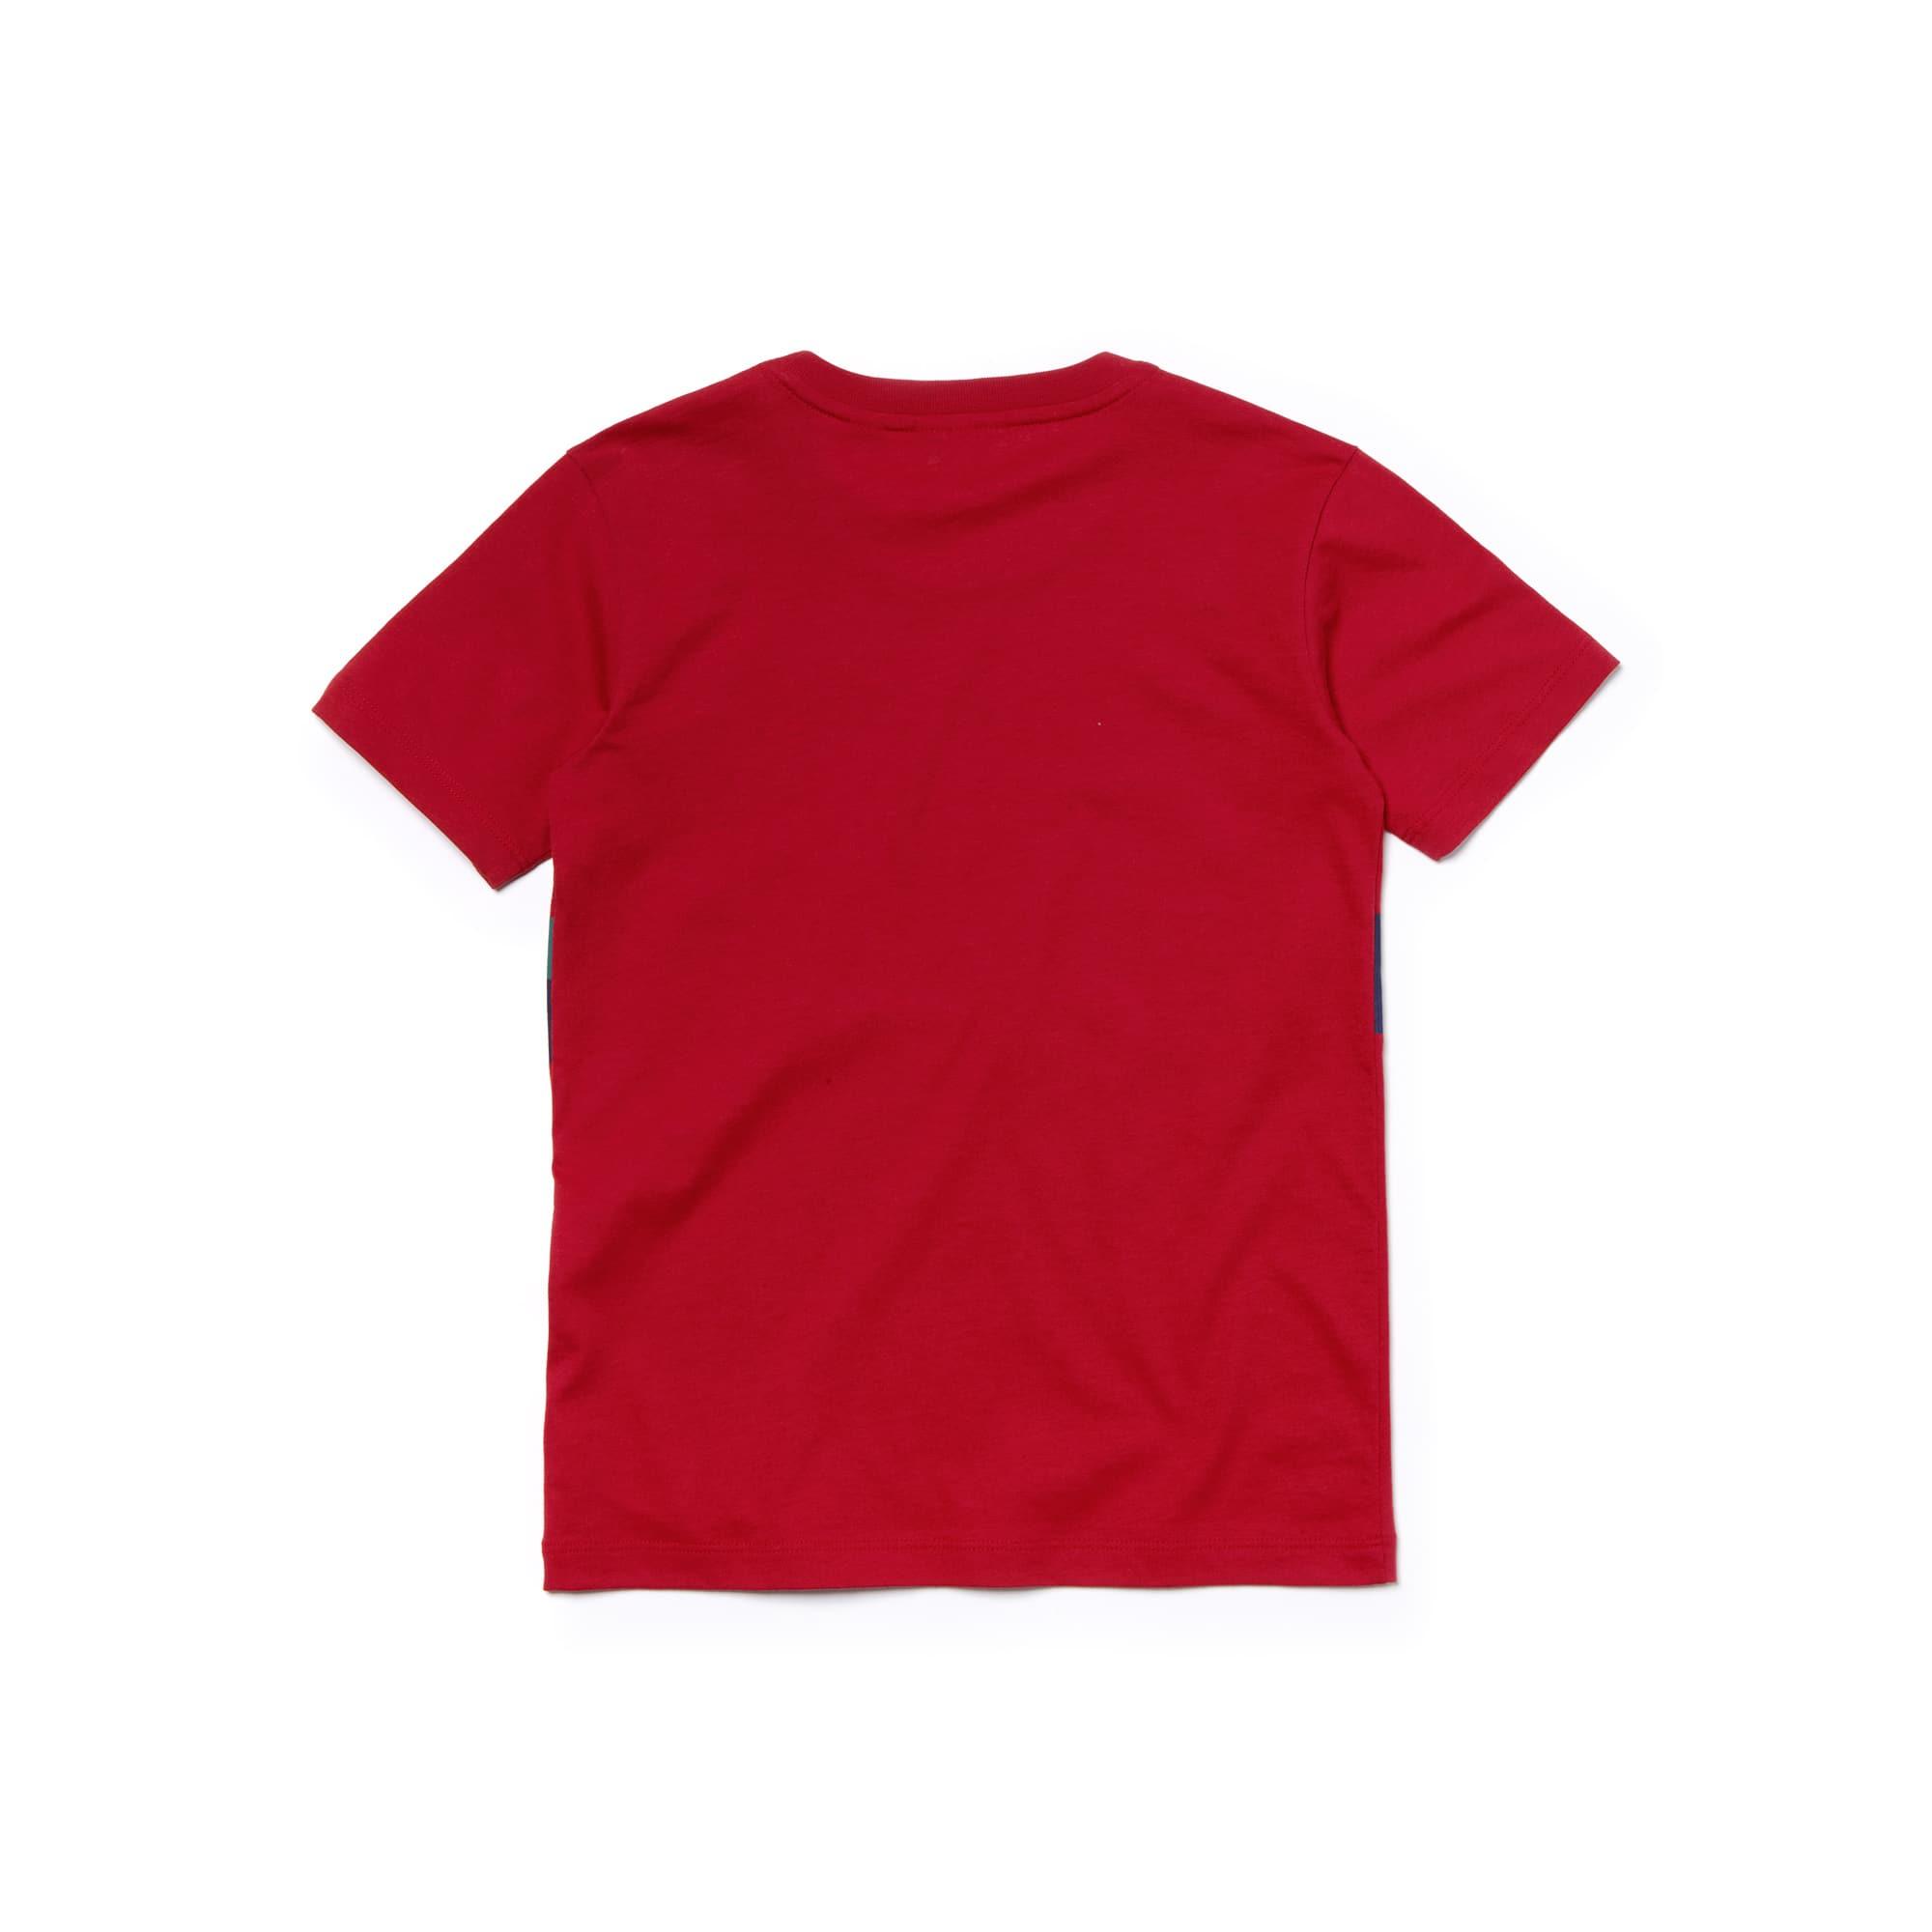 Lacoste - Camiseta De Niño En Tejido De Punto De Algodón Con Inscripción Ready To Play Y Cuello Redondo - 4